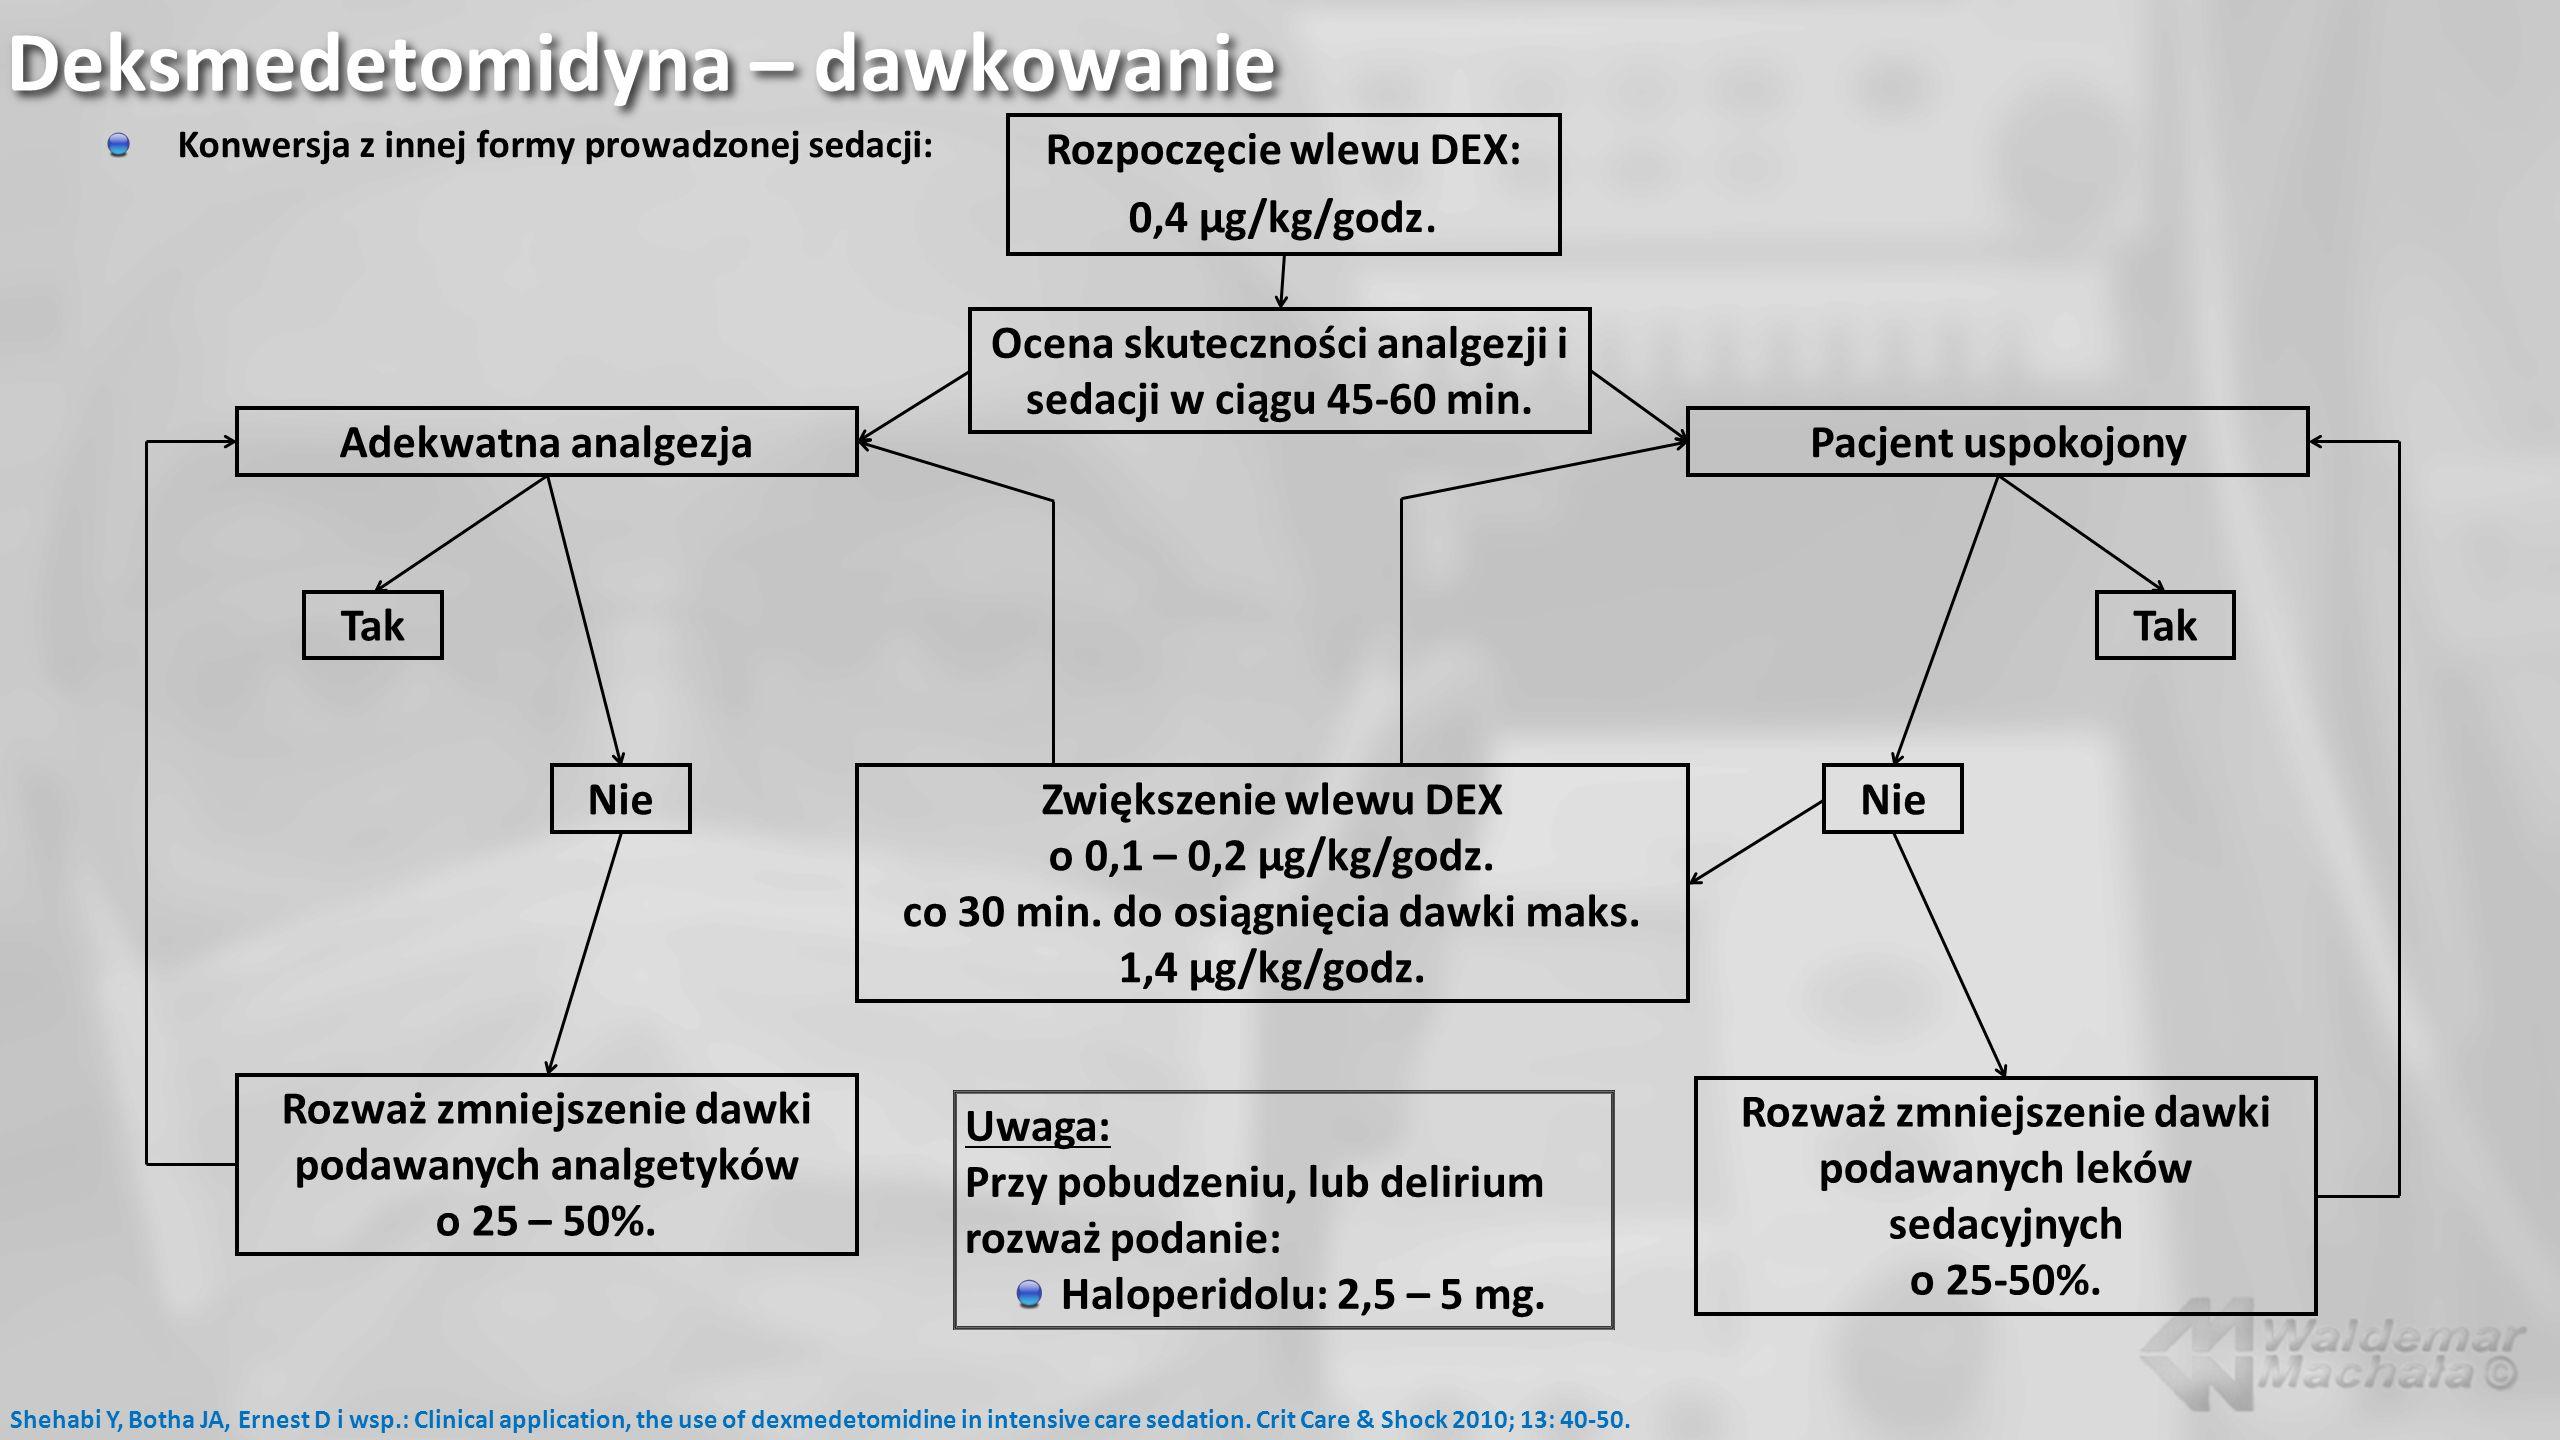 Deksmedetomidyna – dawkowanie Konwersja z innej formy prowadzonej sedacji: Shehabi Y, Botha JA, Ernest D i wsp.: Clinical application, the use of dexm